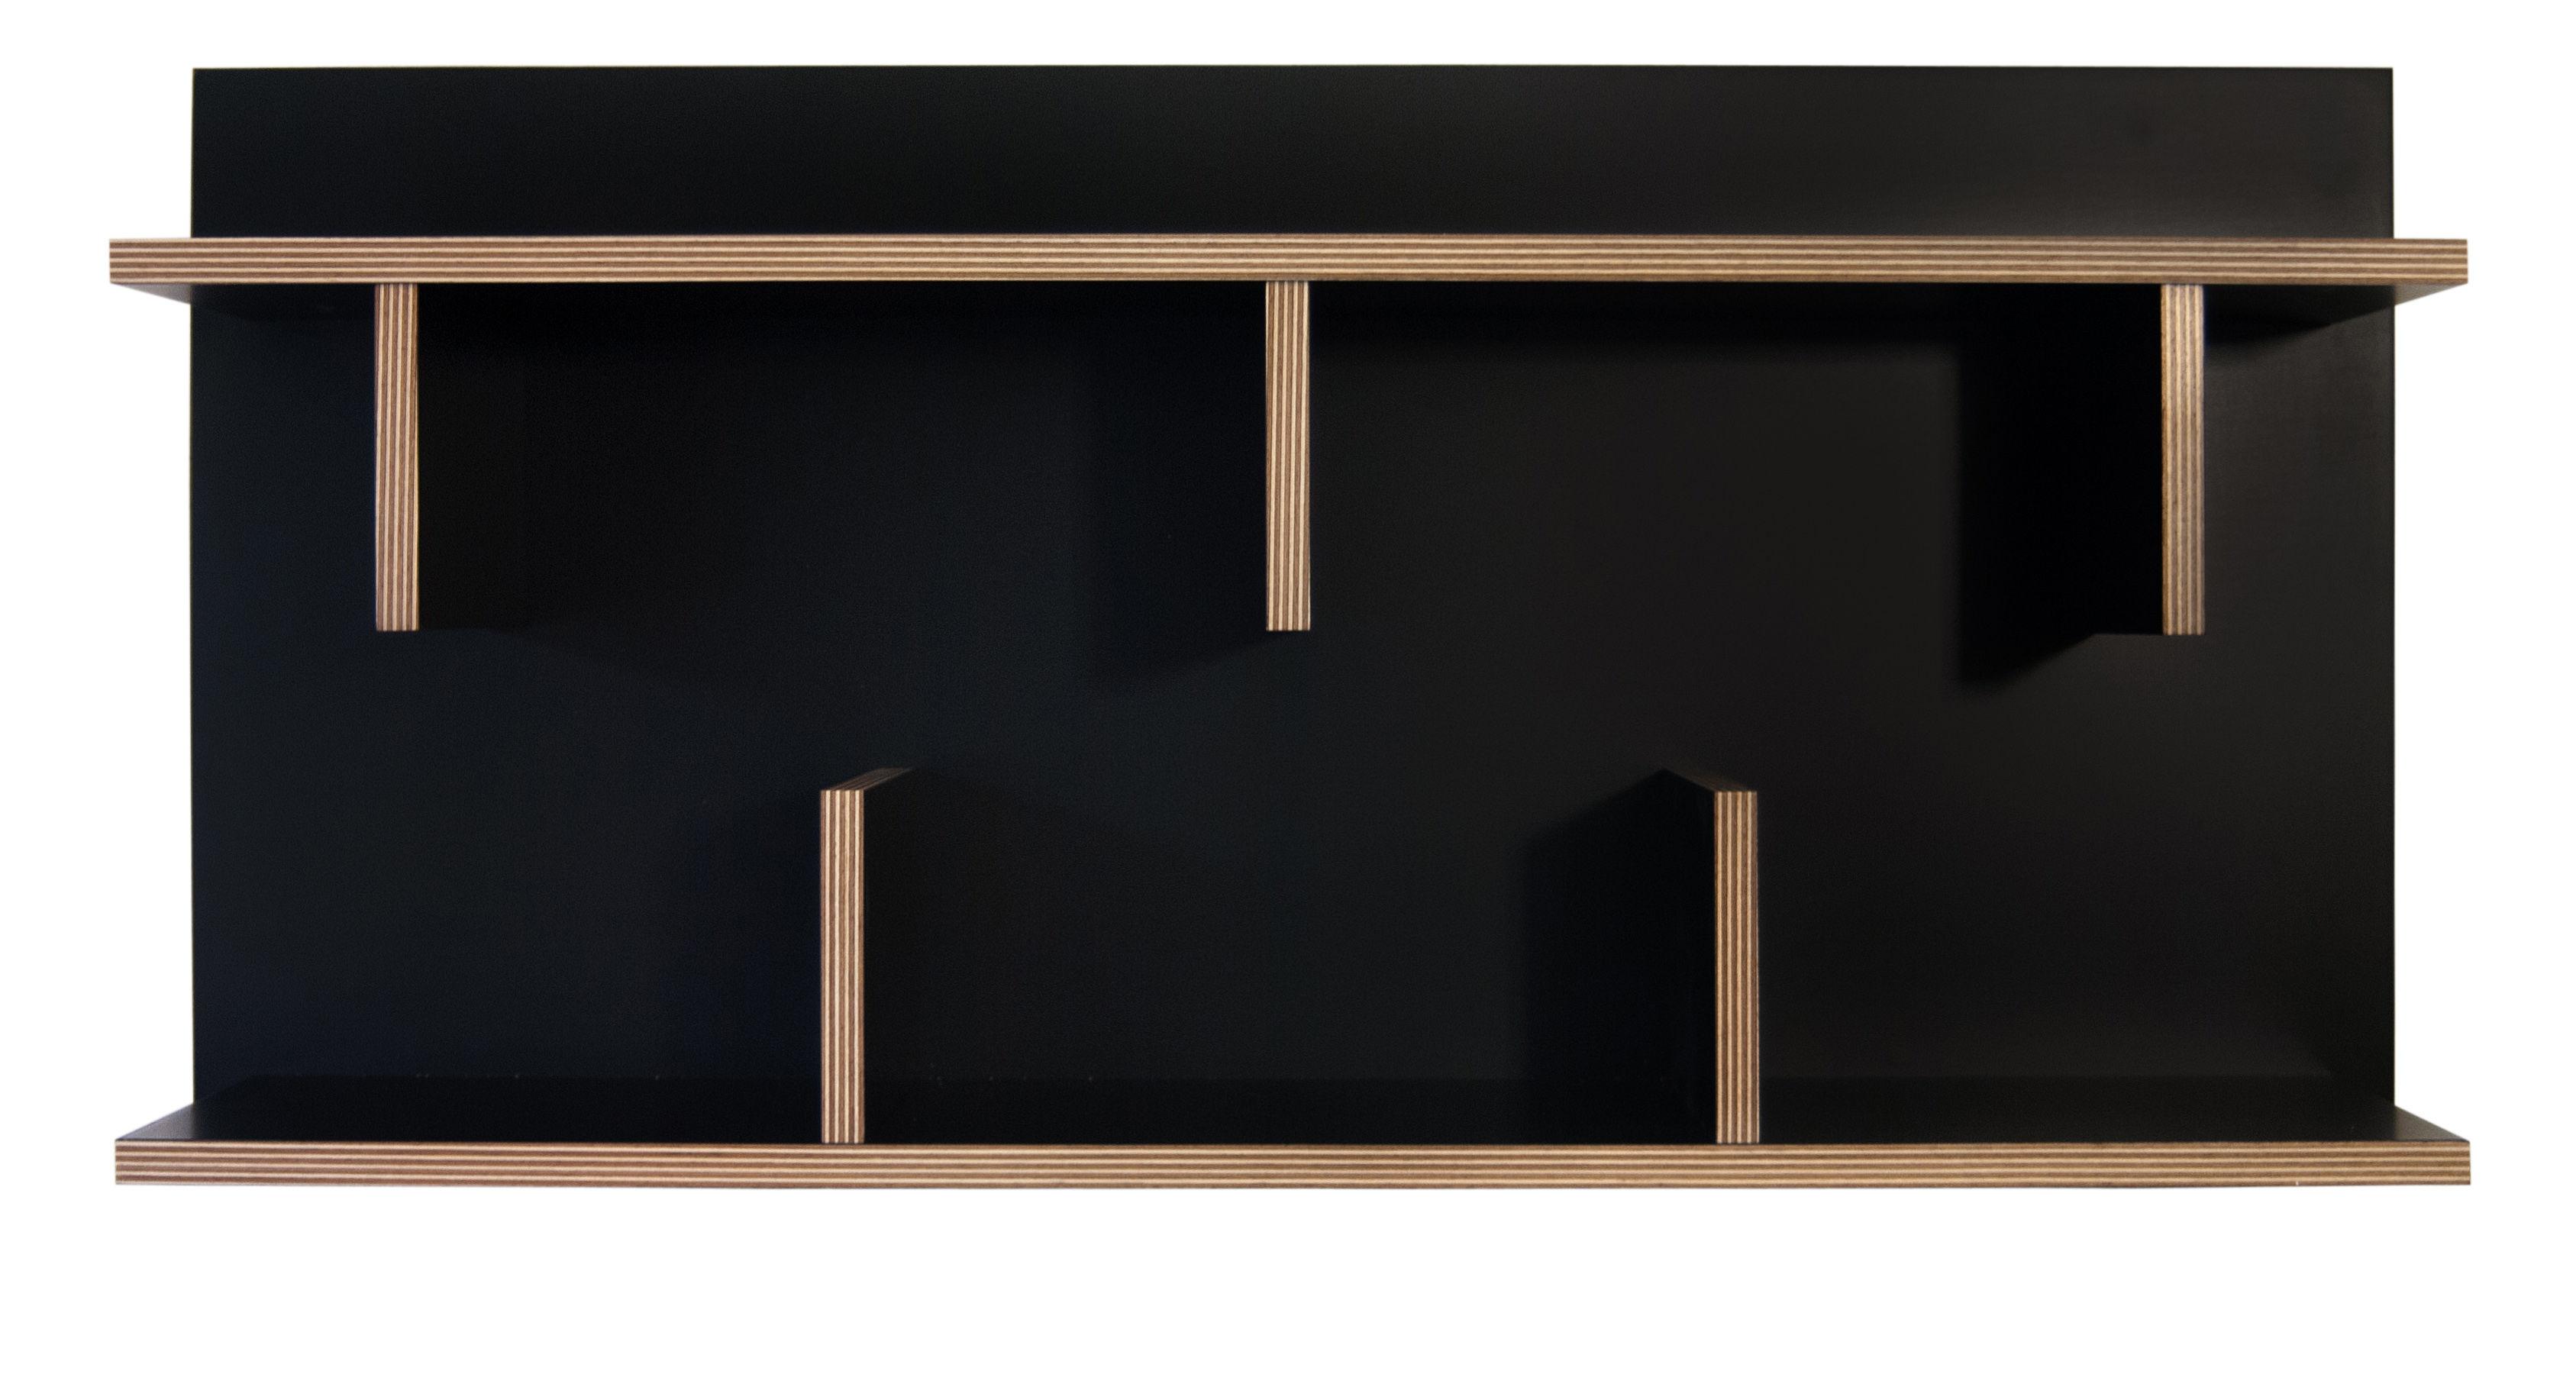 Mobilier - Etagères & bibliothèques - Etagère Rack / L 90 x H 45 cm - POP UP HOME - Noir / Tranches : bois - Contreplaqué de chêne, Mélanine